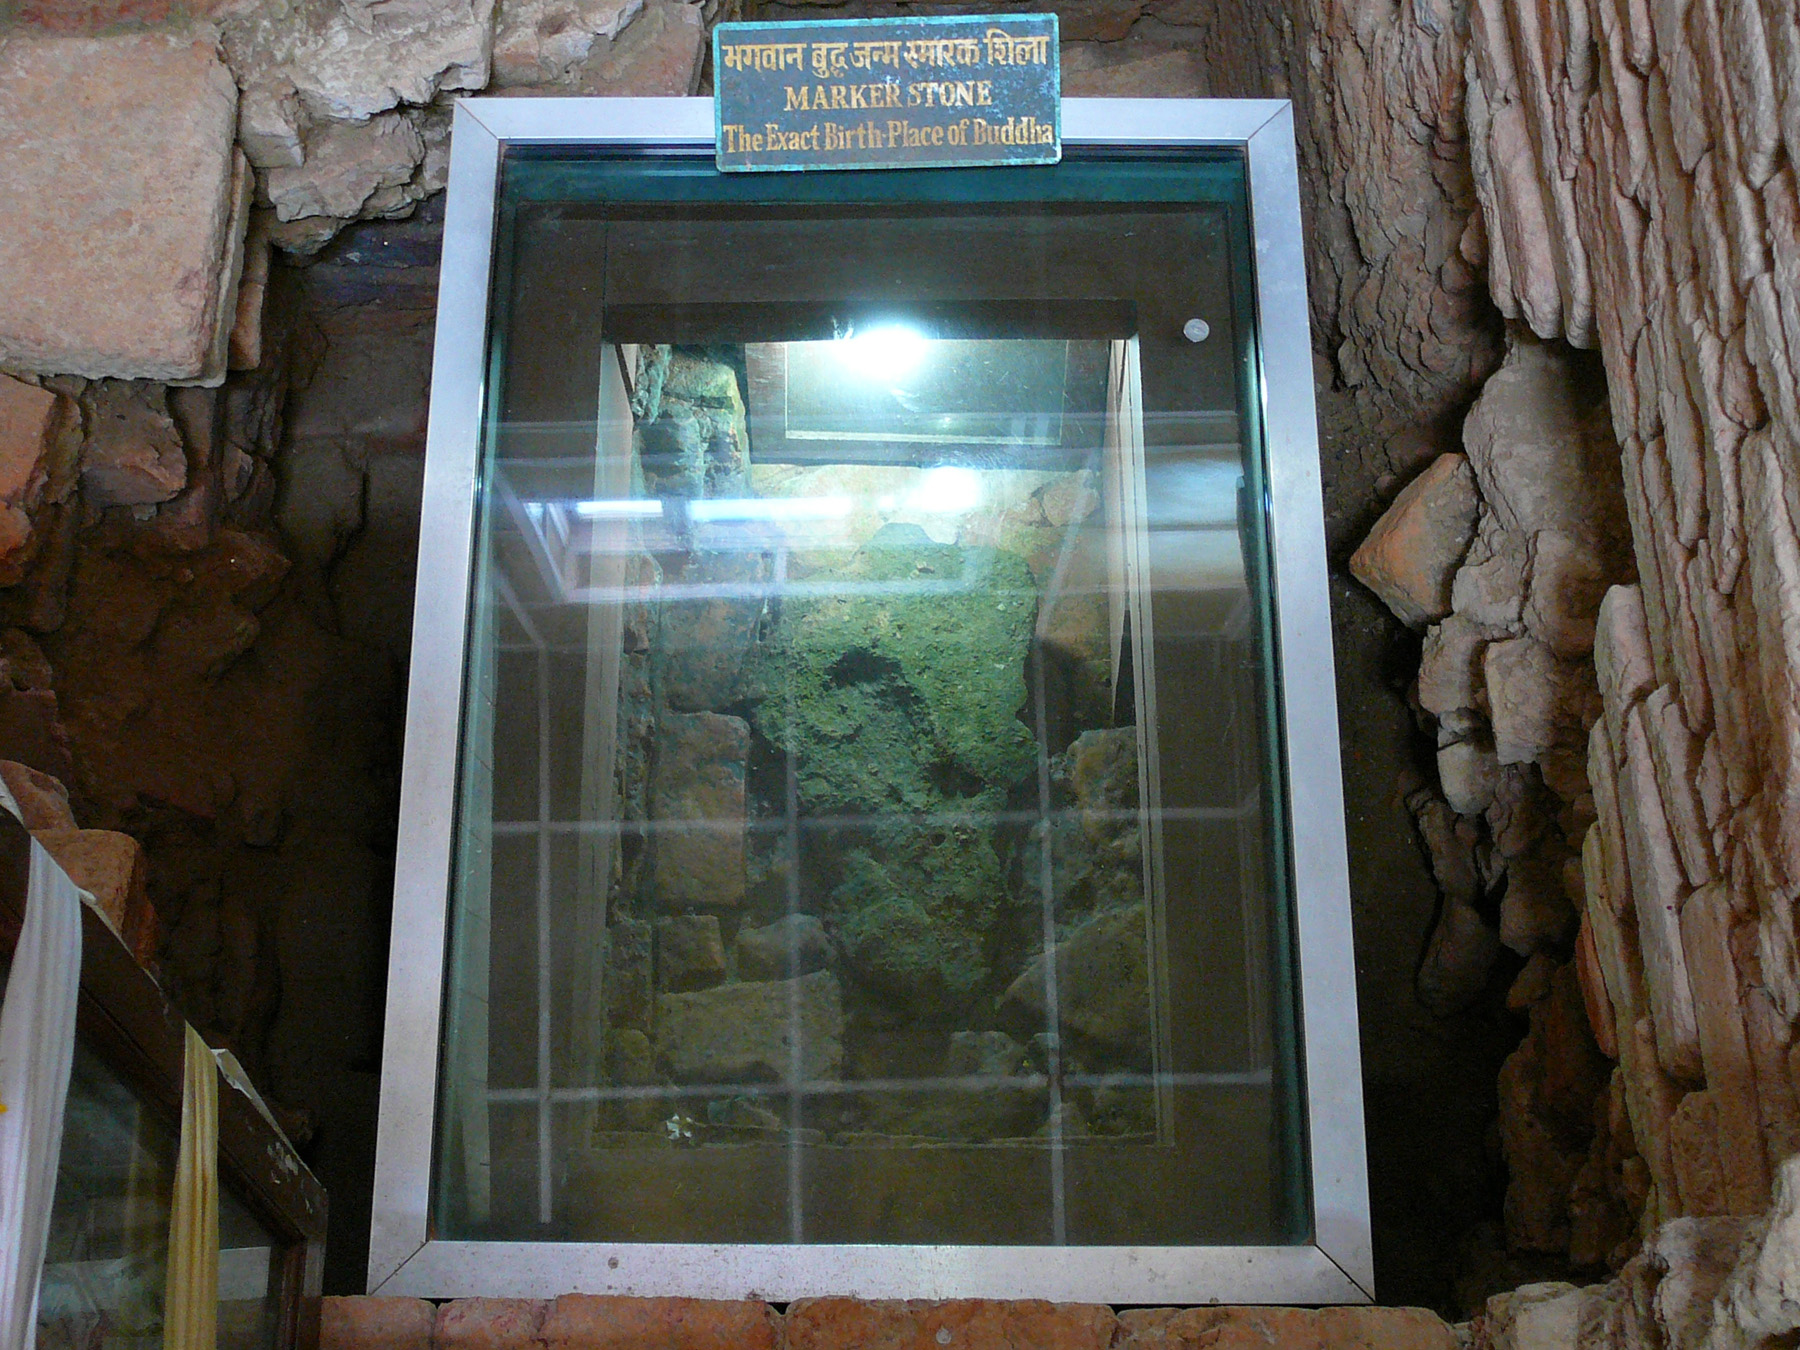 Phiến đá có in dấu một bàn chân nhỏ, mà vua A Dục vào năm 249 TCN đã dùng để đánh dấu vị trí nơi sinh của đức Phật. Phiến đá được bảo vệ bằng kính chống đạn tại đúng vị trí được tìm thấy. | Marker stone marking the exact spot of Lord Buddha's birth inside Mayadevi Temple, Lumbini